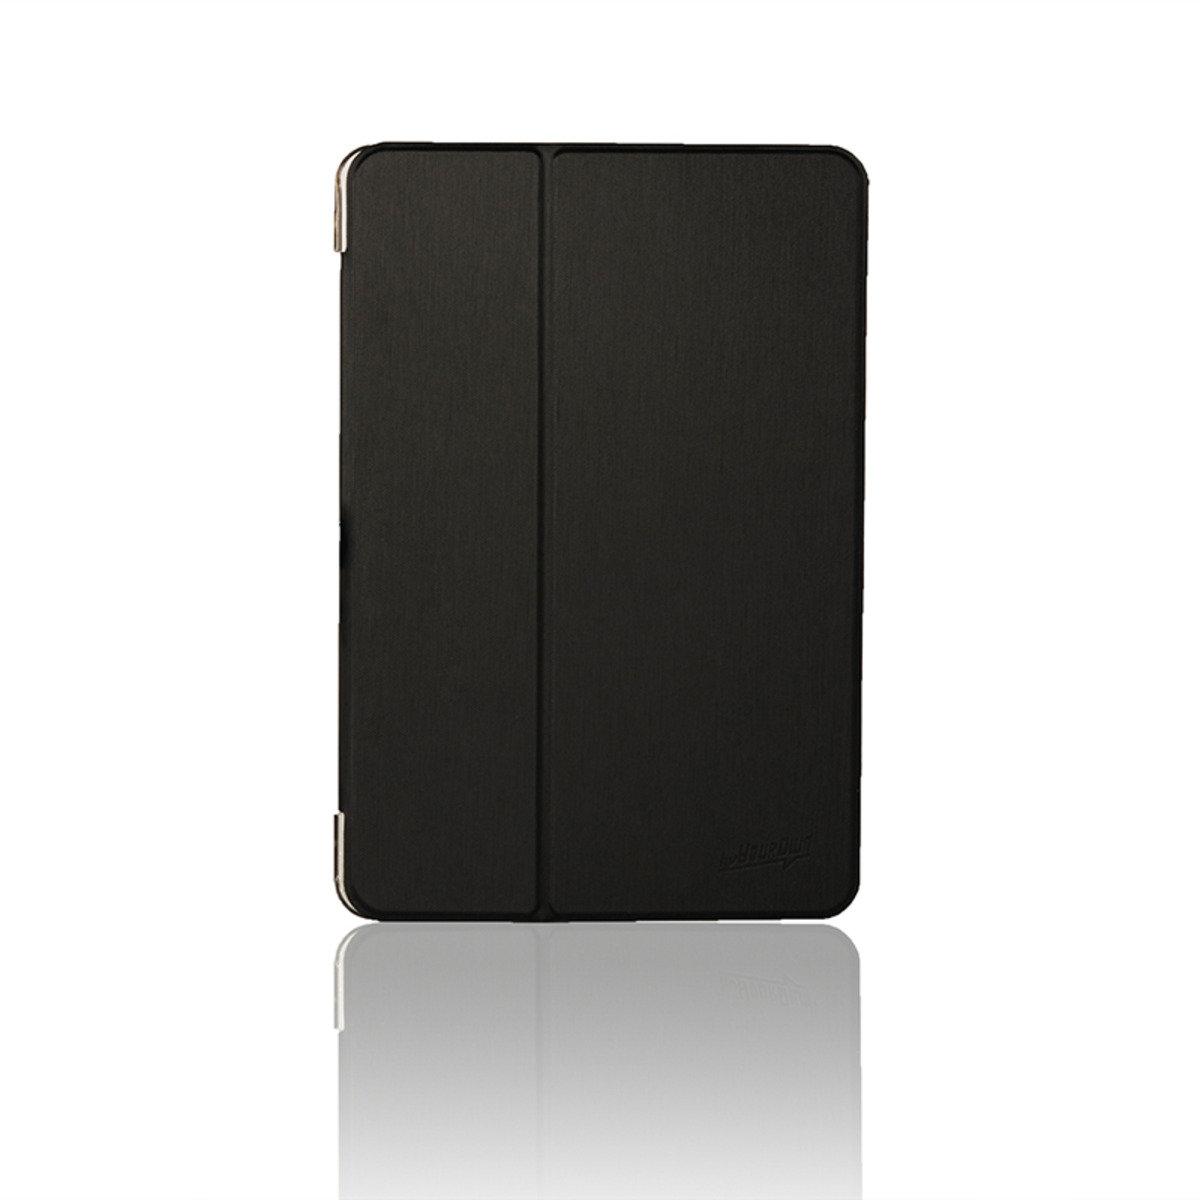 iPad Mini 4 翻蓋超薄手機套 (黑)